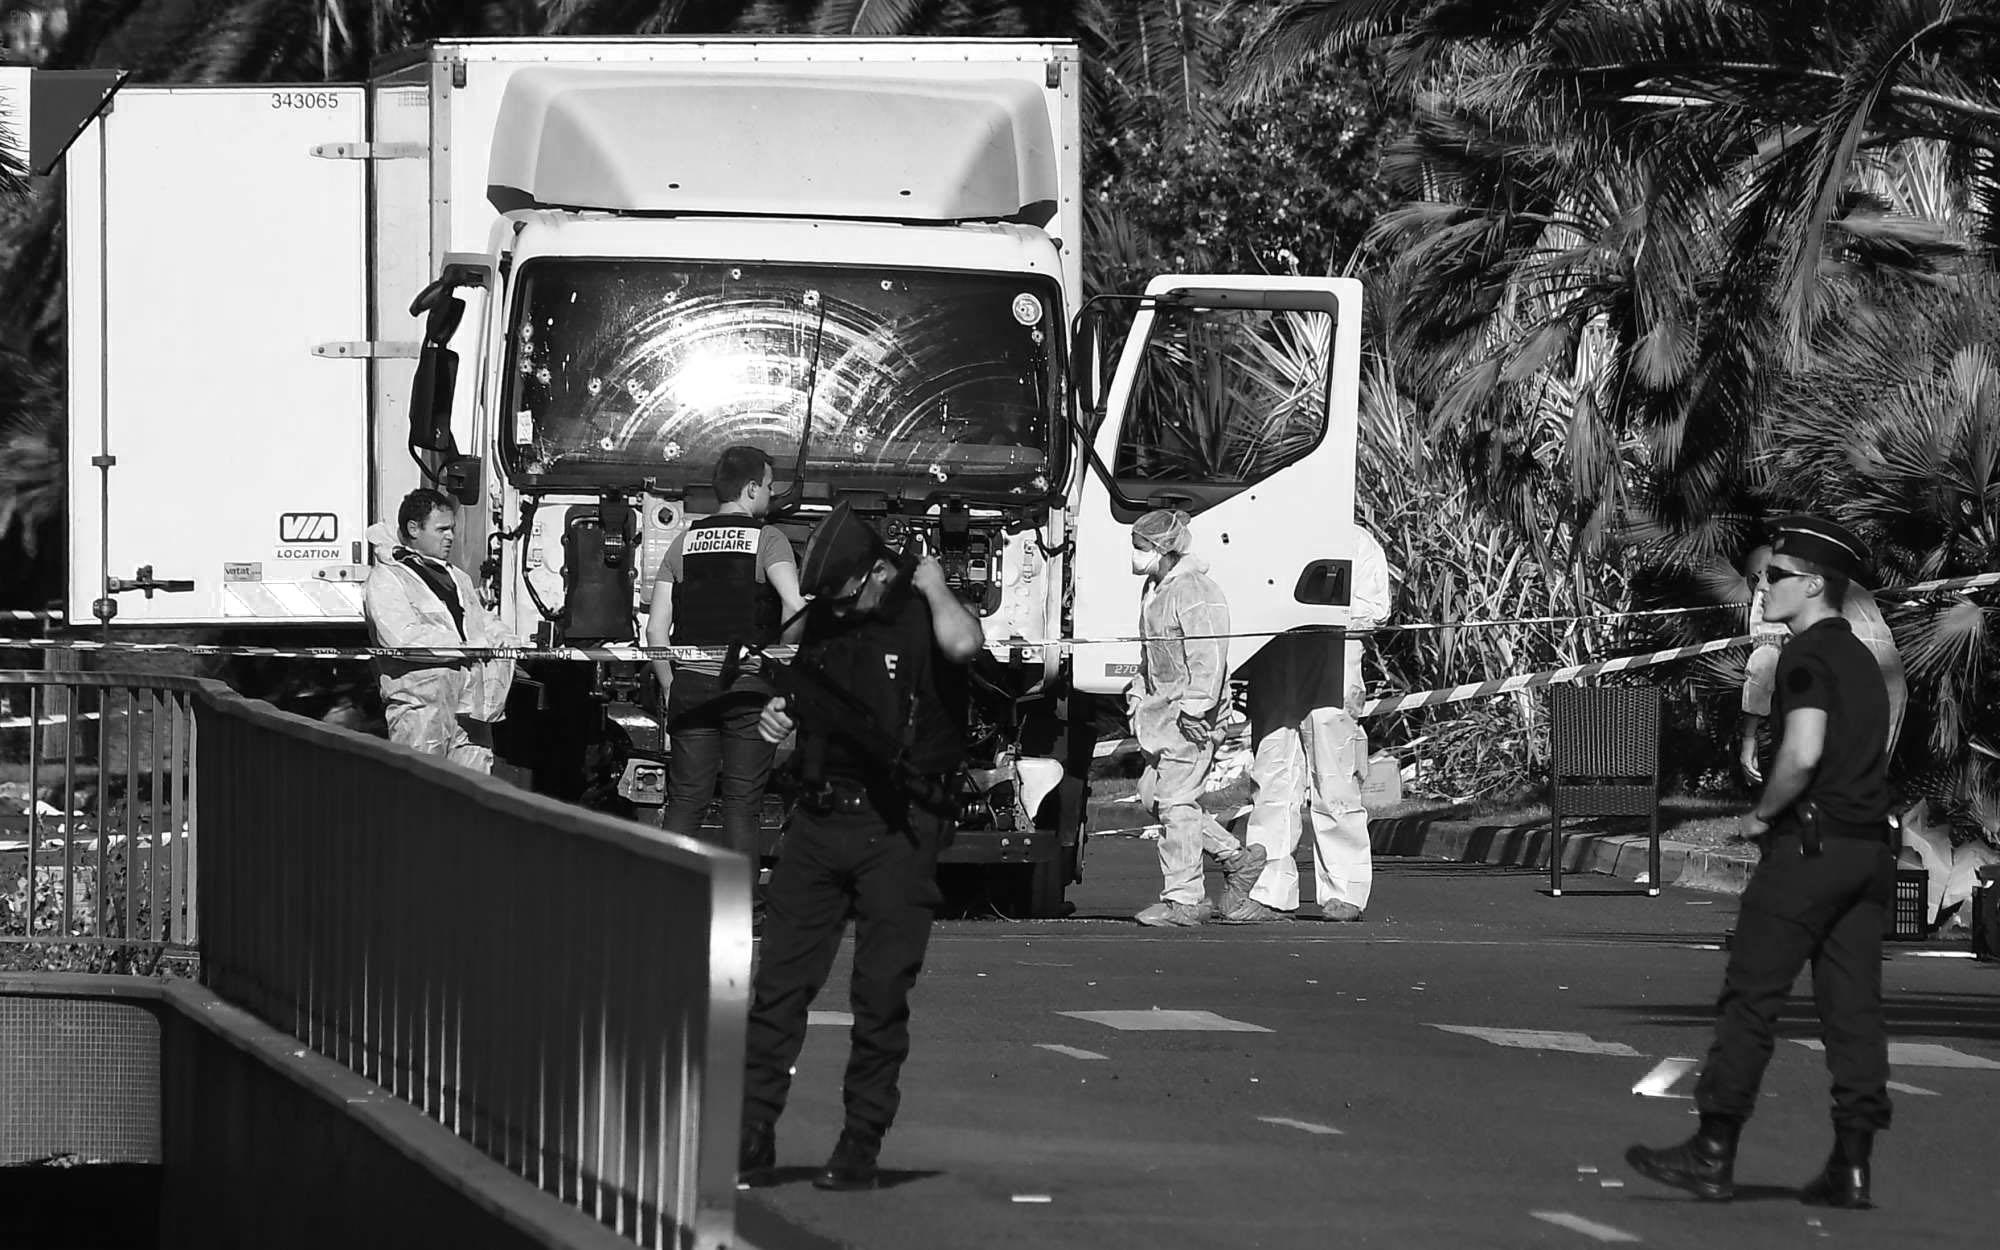 ATTENTAT DE NICE : Le chauffeur est identifié, trois jours de deuil national